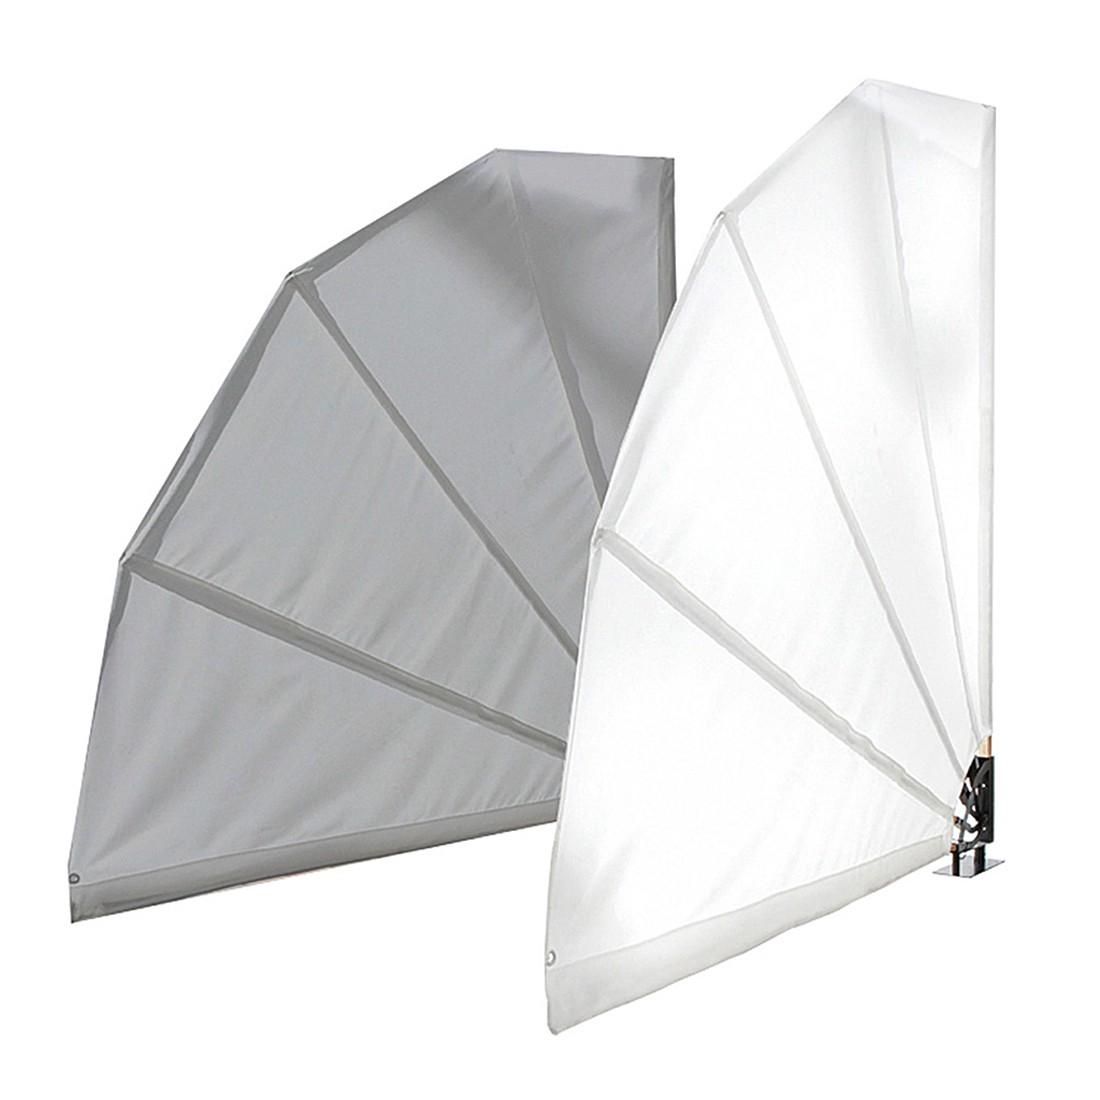 Sichtschutz in Fächerform – Textilgewebe/Holz/Metall – Grau, PureDay günstig online kaufen